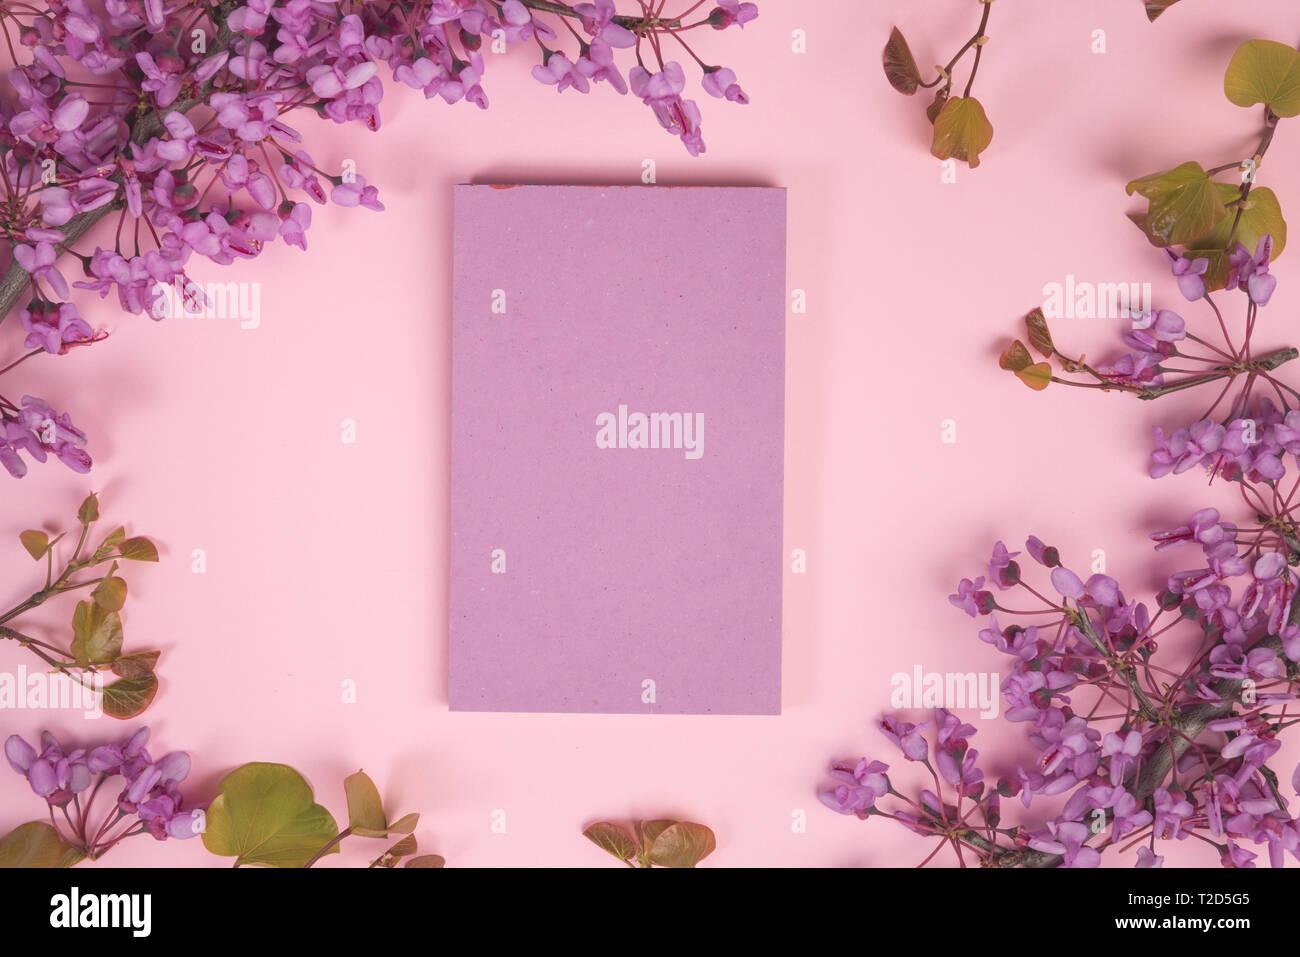 Blumen Komposition Papier Leer Rosa Blüten In Pastelltönen